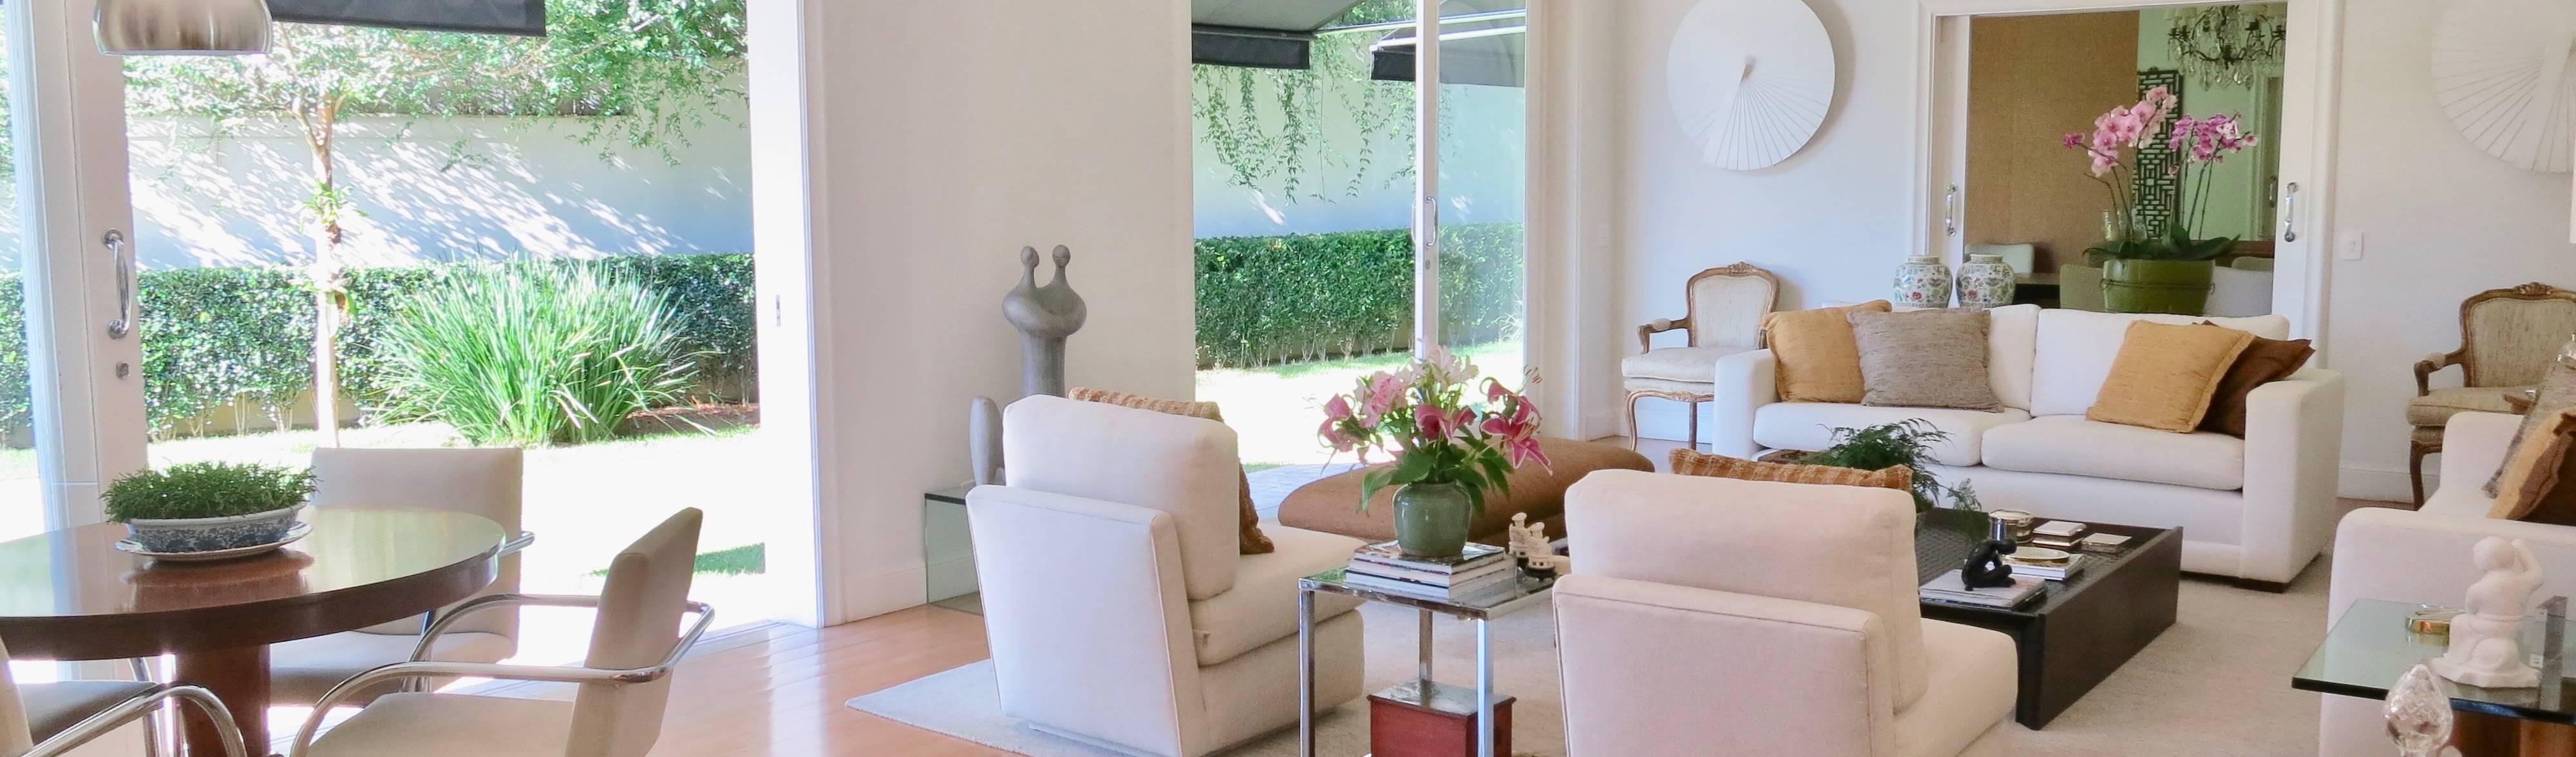 Vivi Simonsen design de interiores